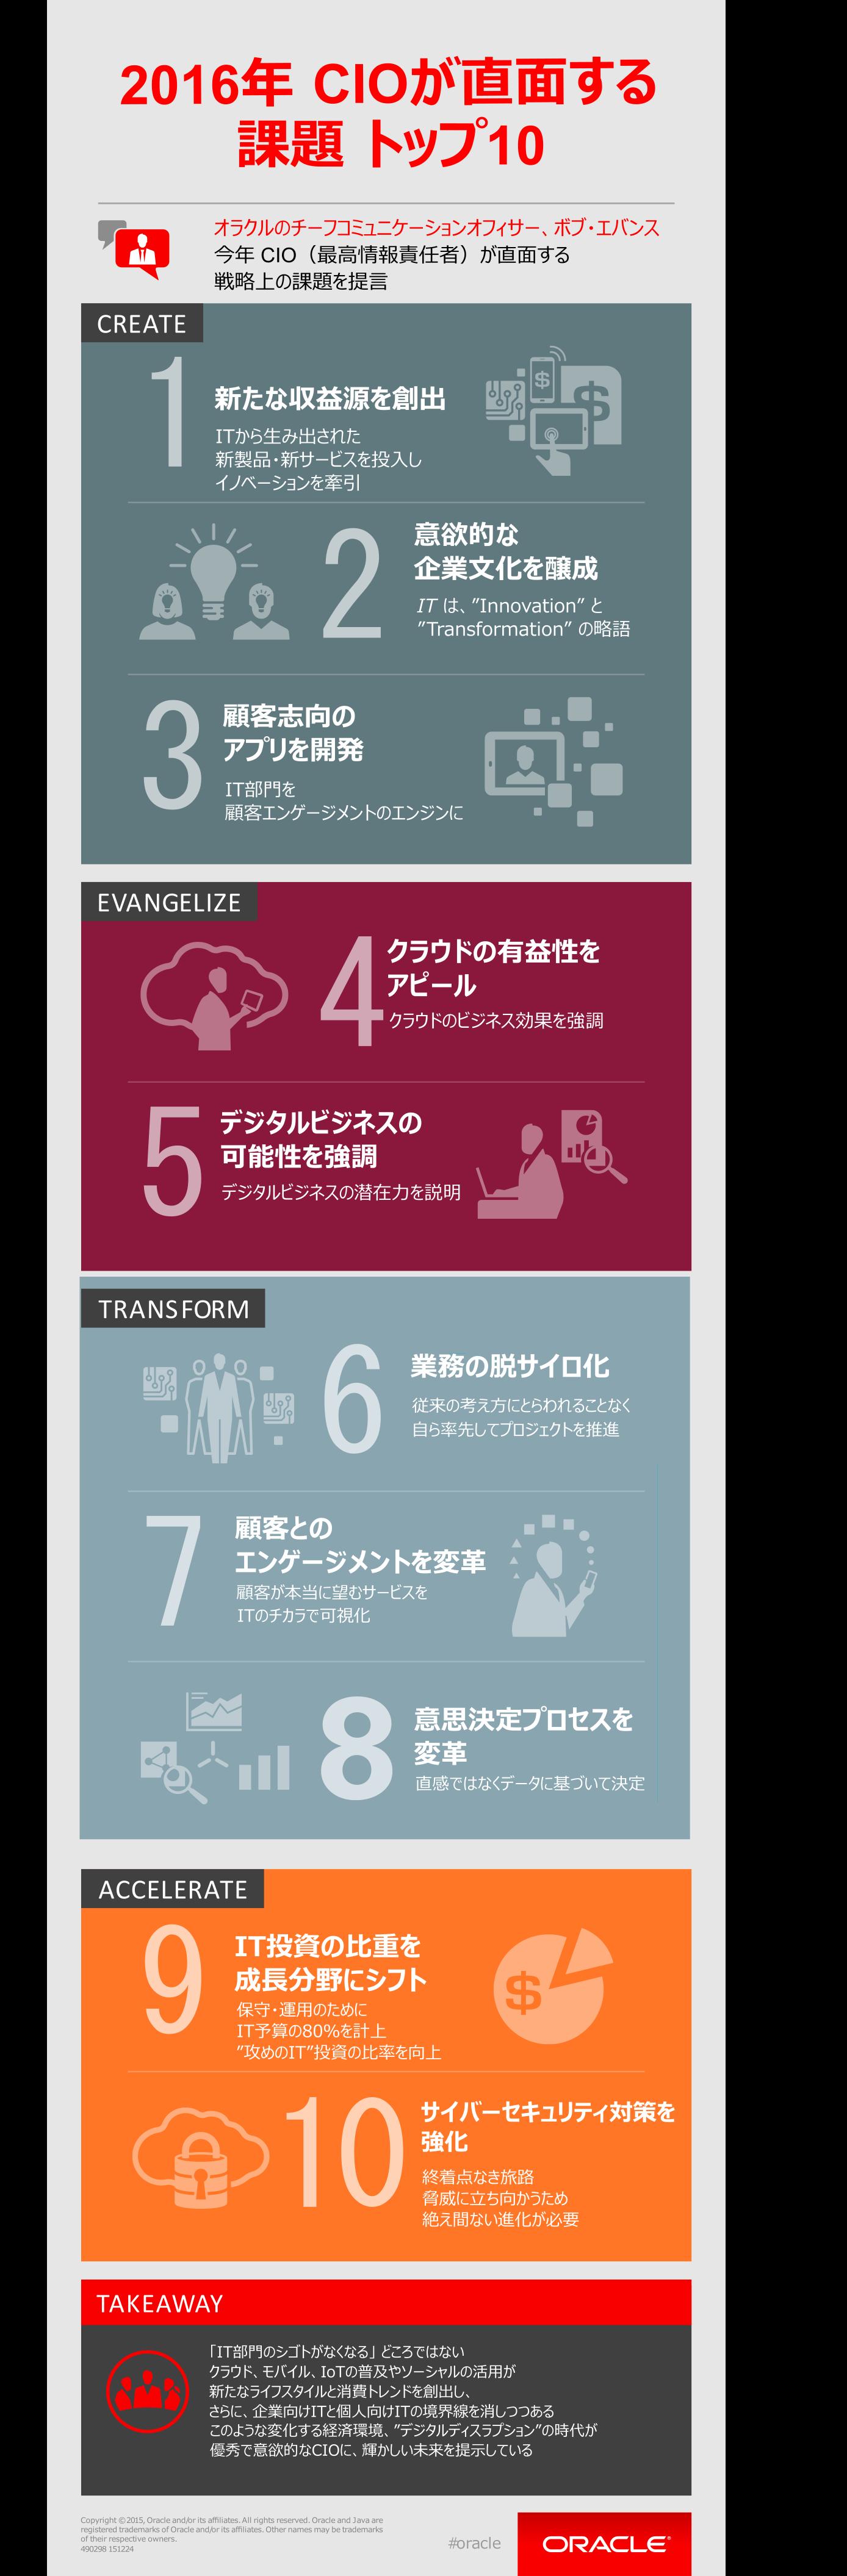 インフォグラフィック:CIOの役割は先を読む力。企業・個人間の格差社会が加速